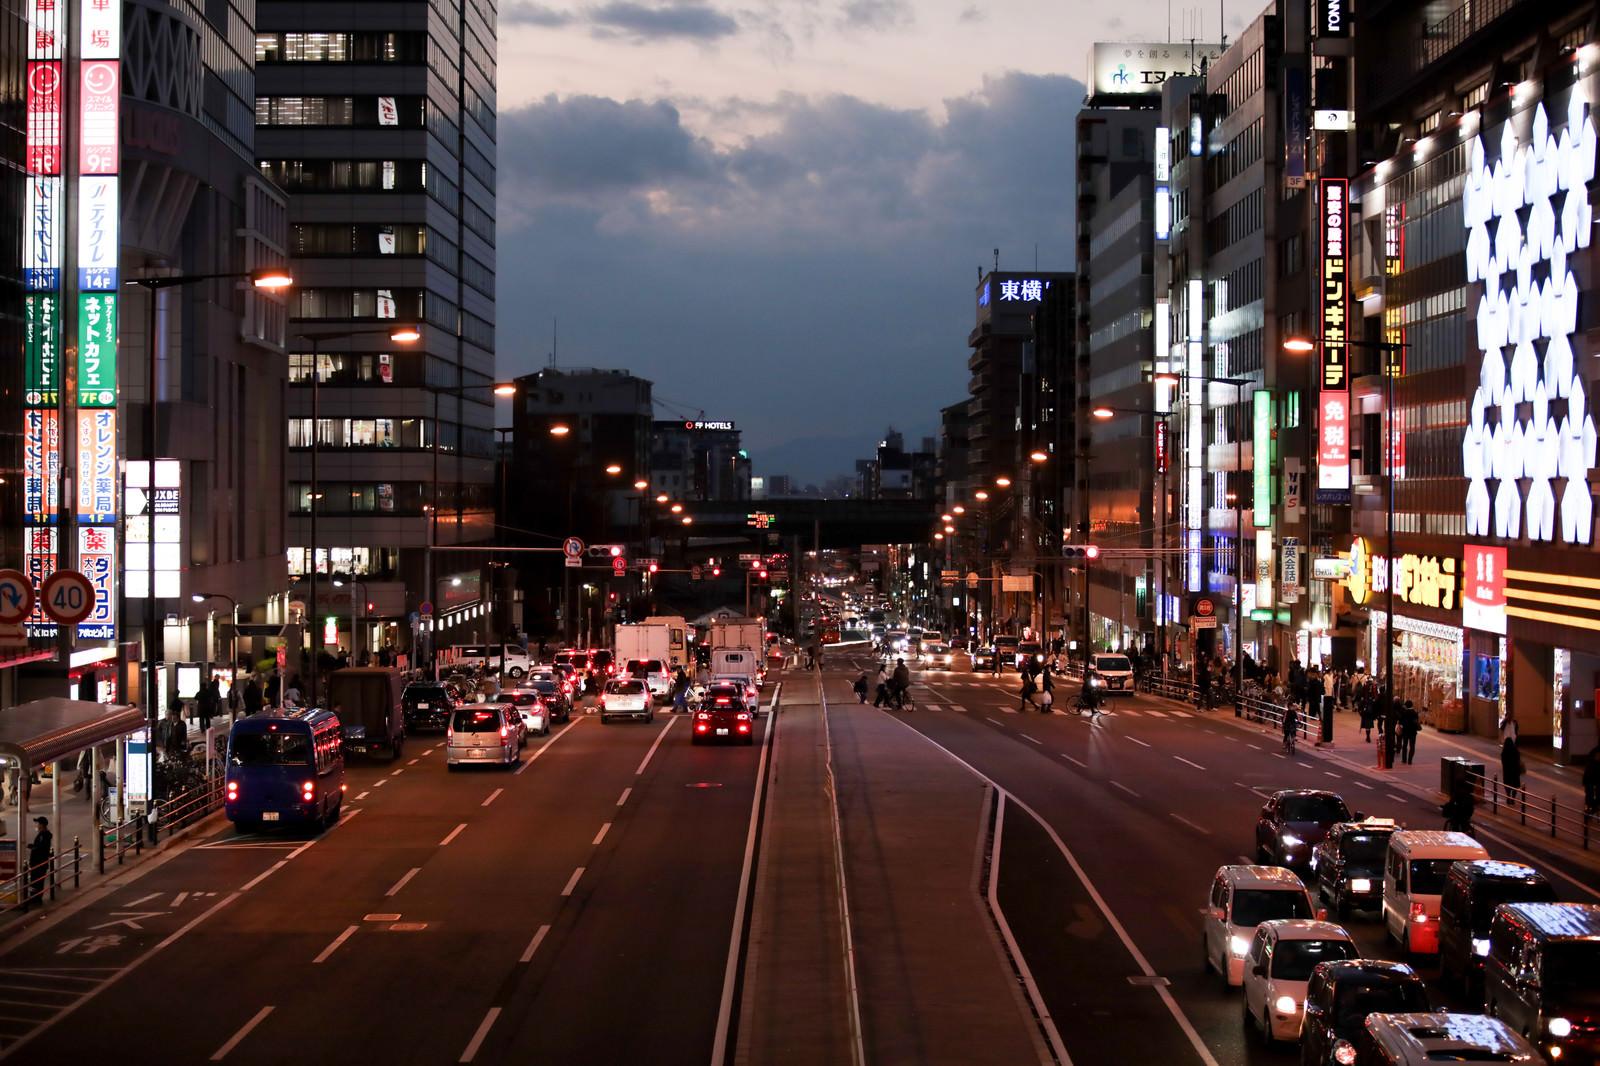 「赤信号で止まる車と街並み」の写真